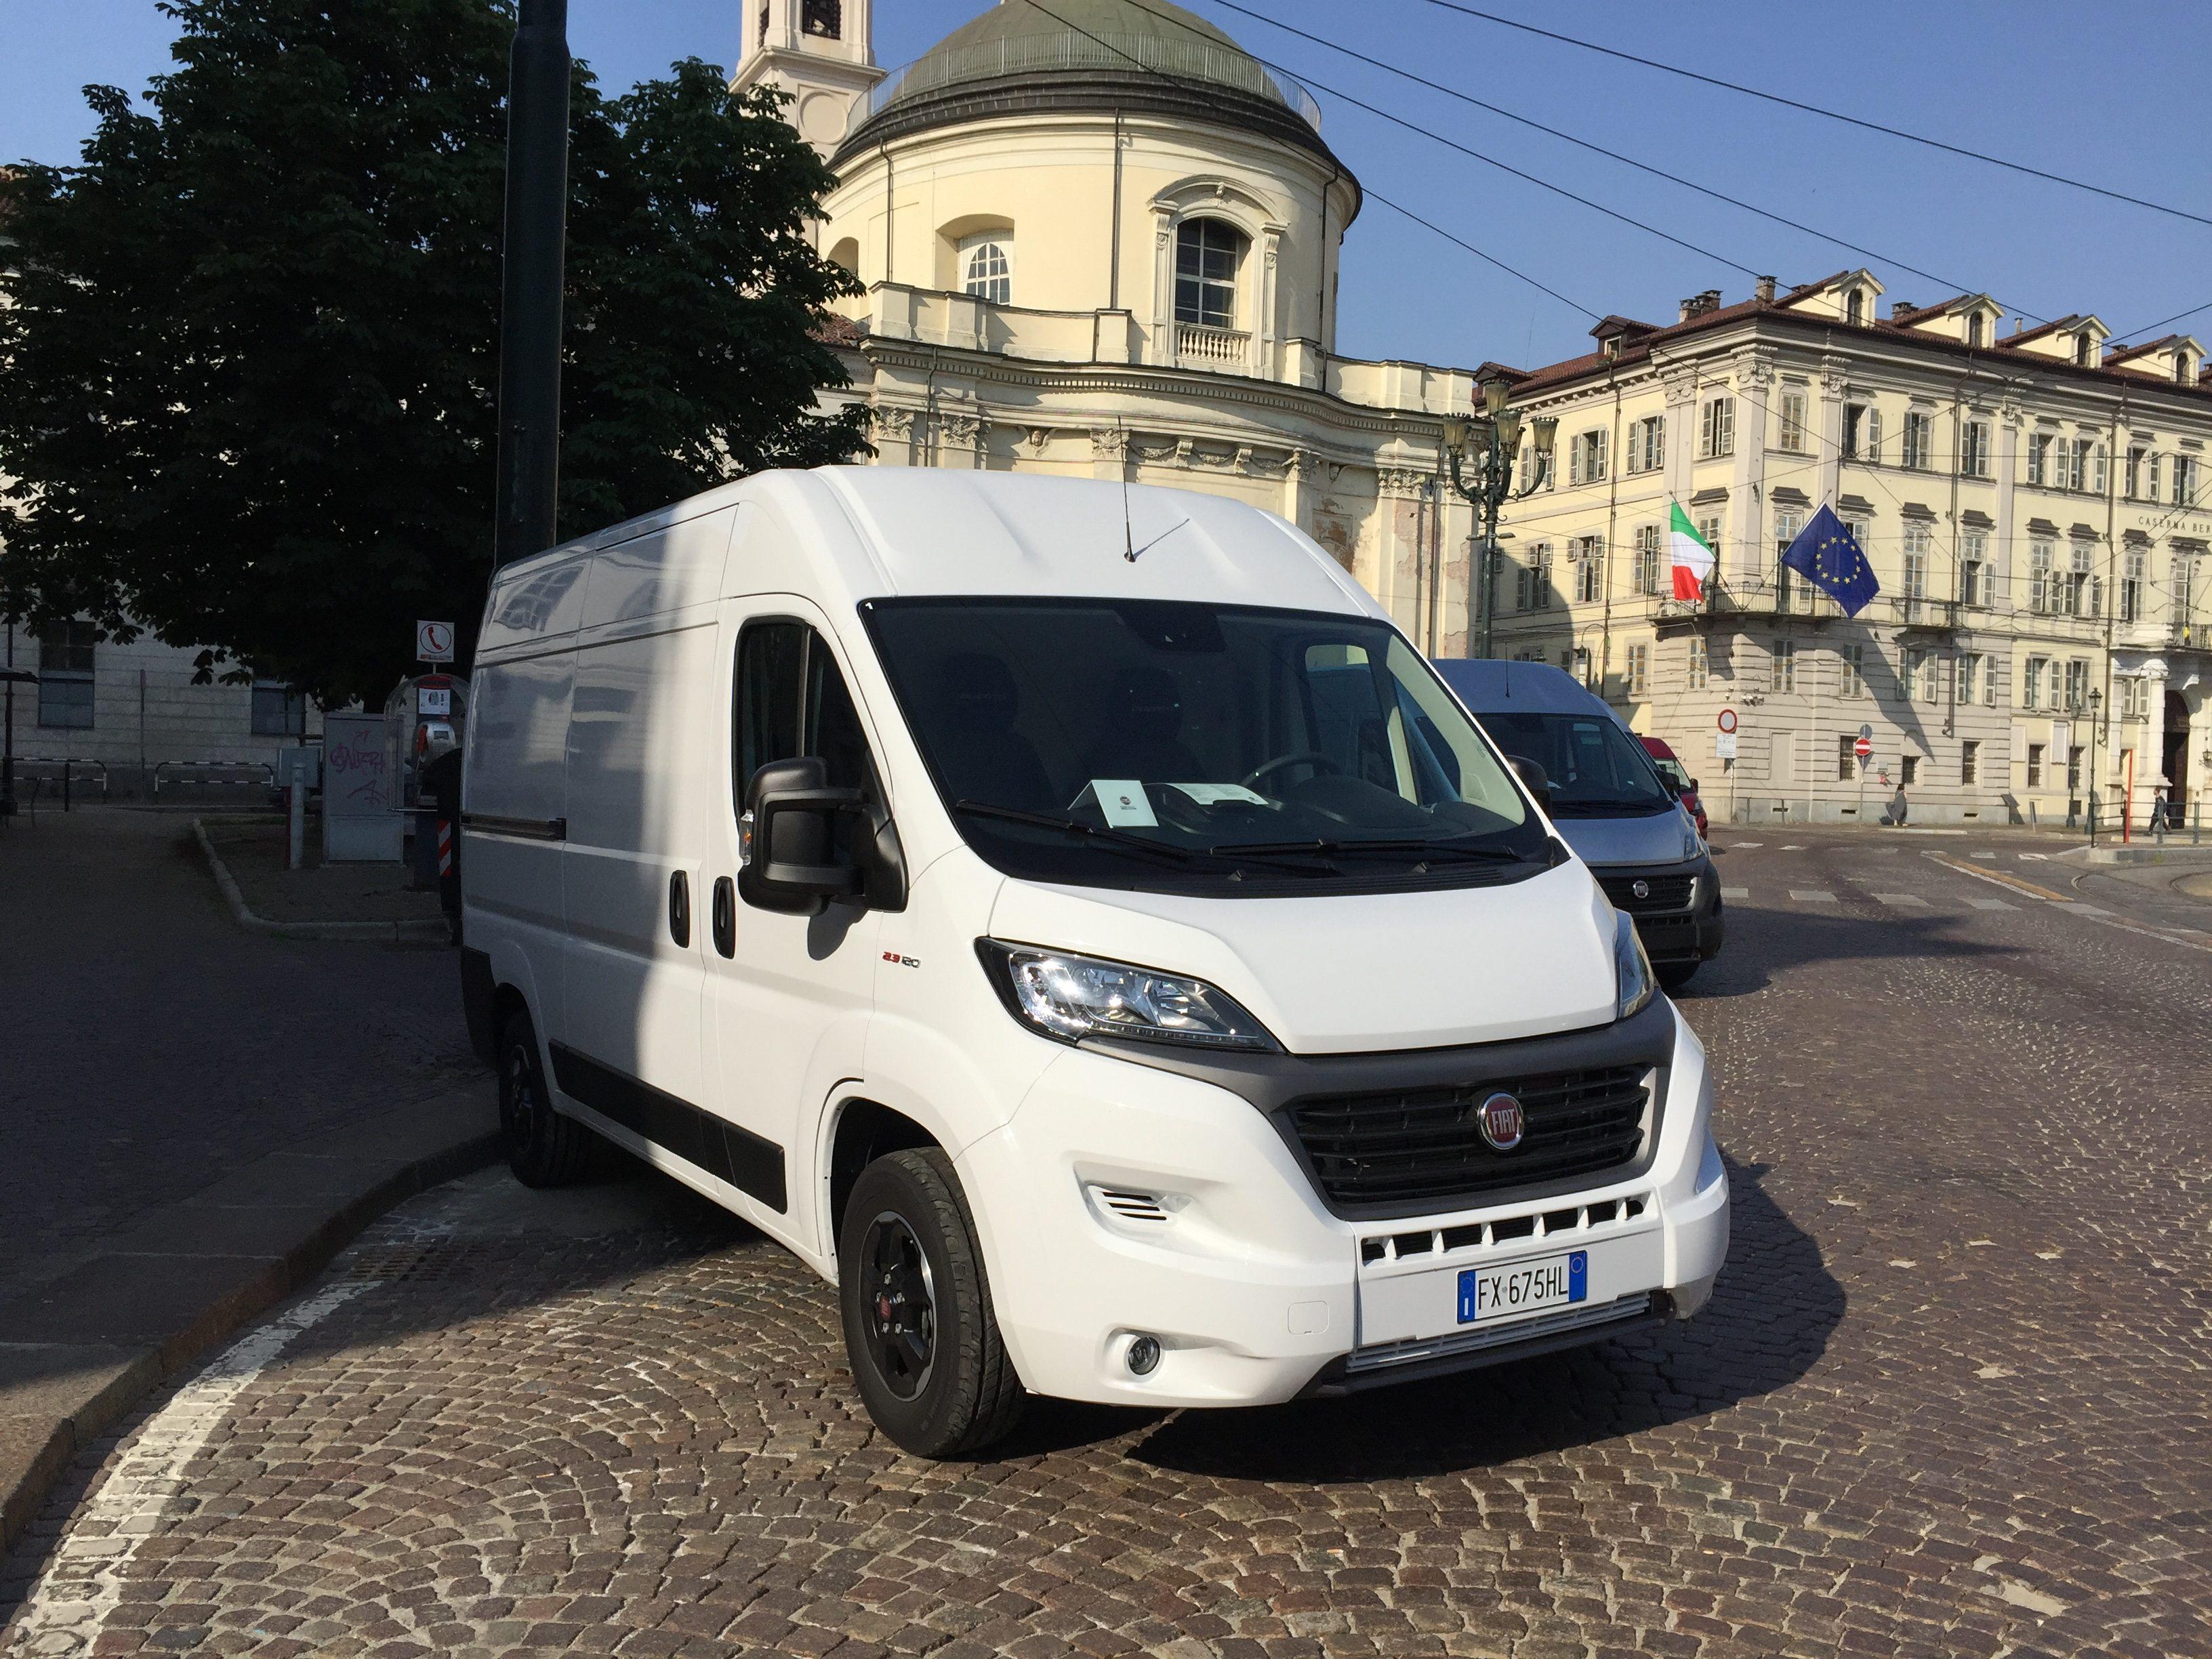 Anteprima Fiat Ducato 2020